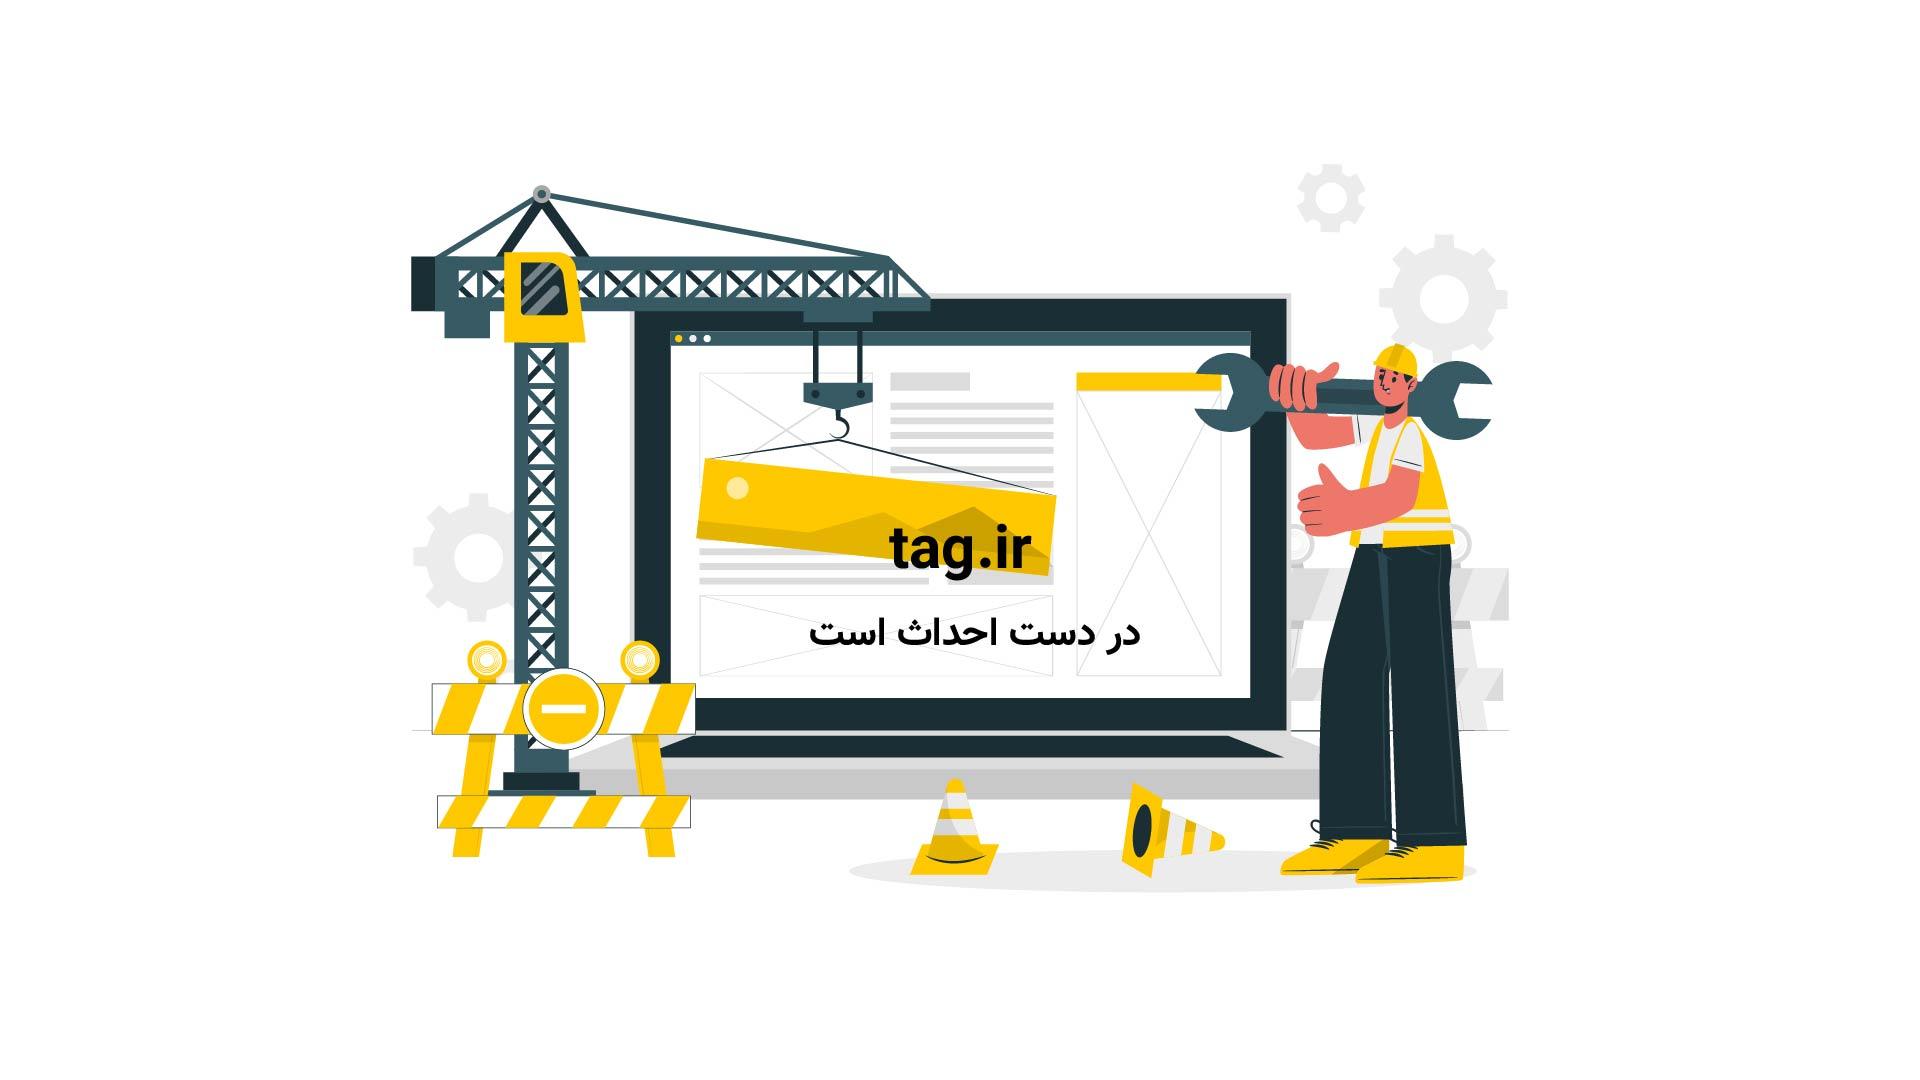 آلودگی هوا | تگ